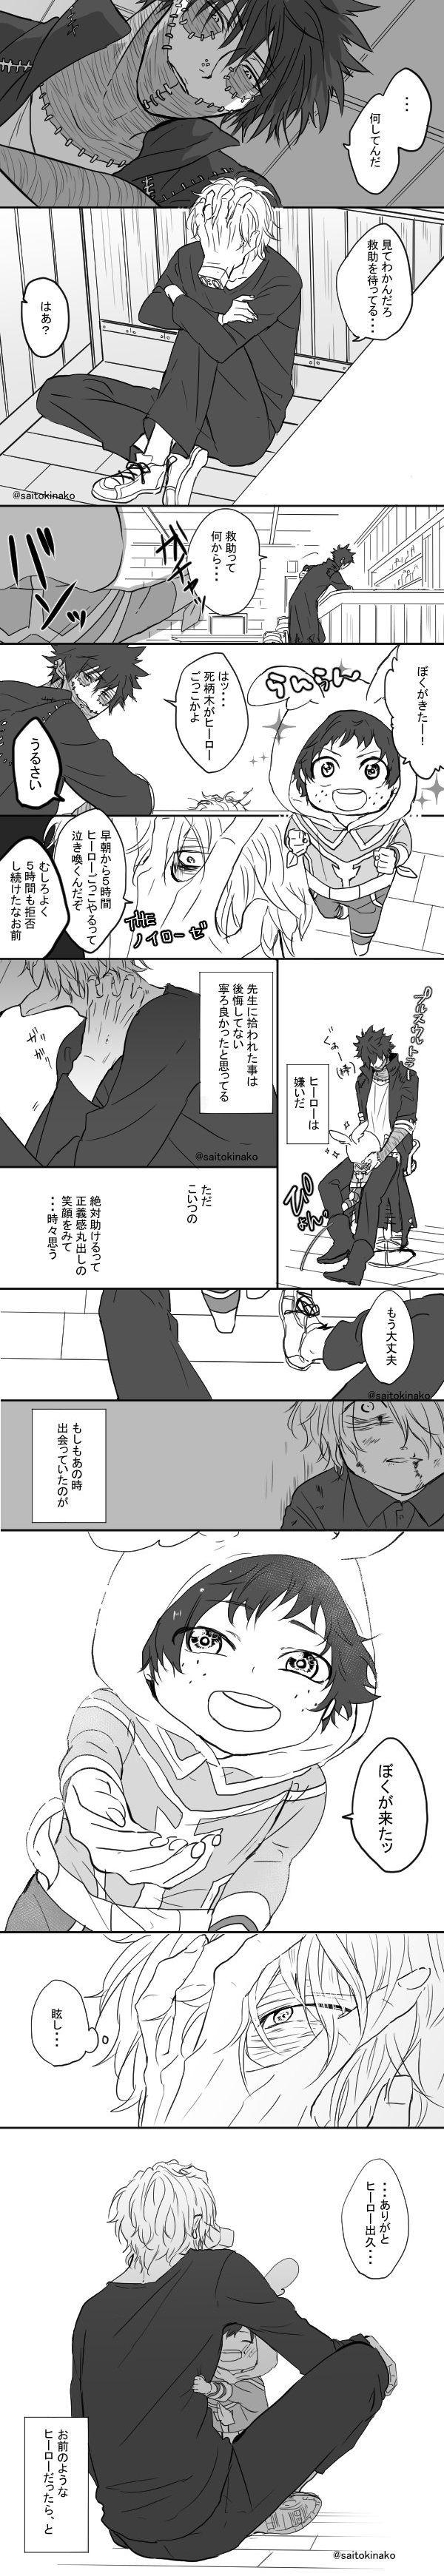 Boku no Hero Academia || Dabi || Shigaraki Tomura/Shimura Tenko || Midoriya Izuku